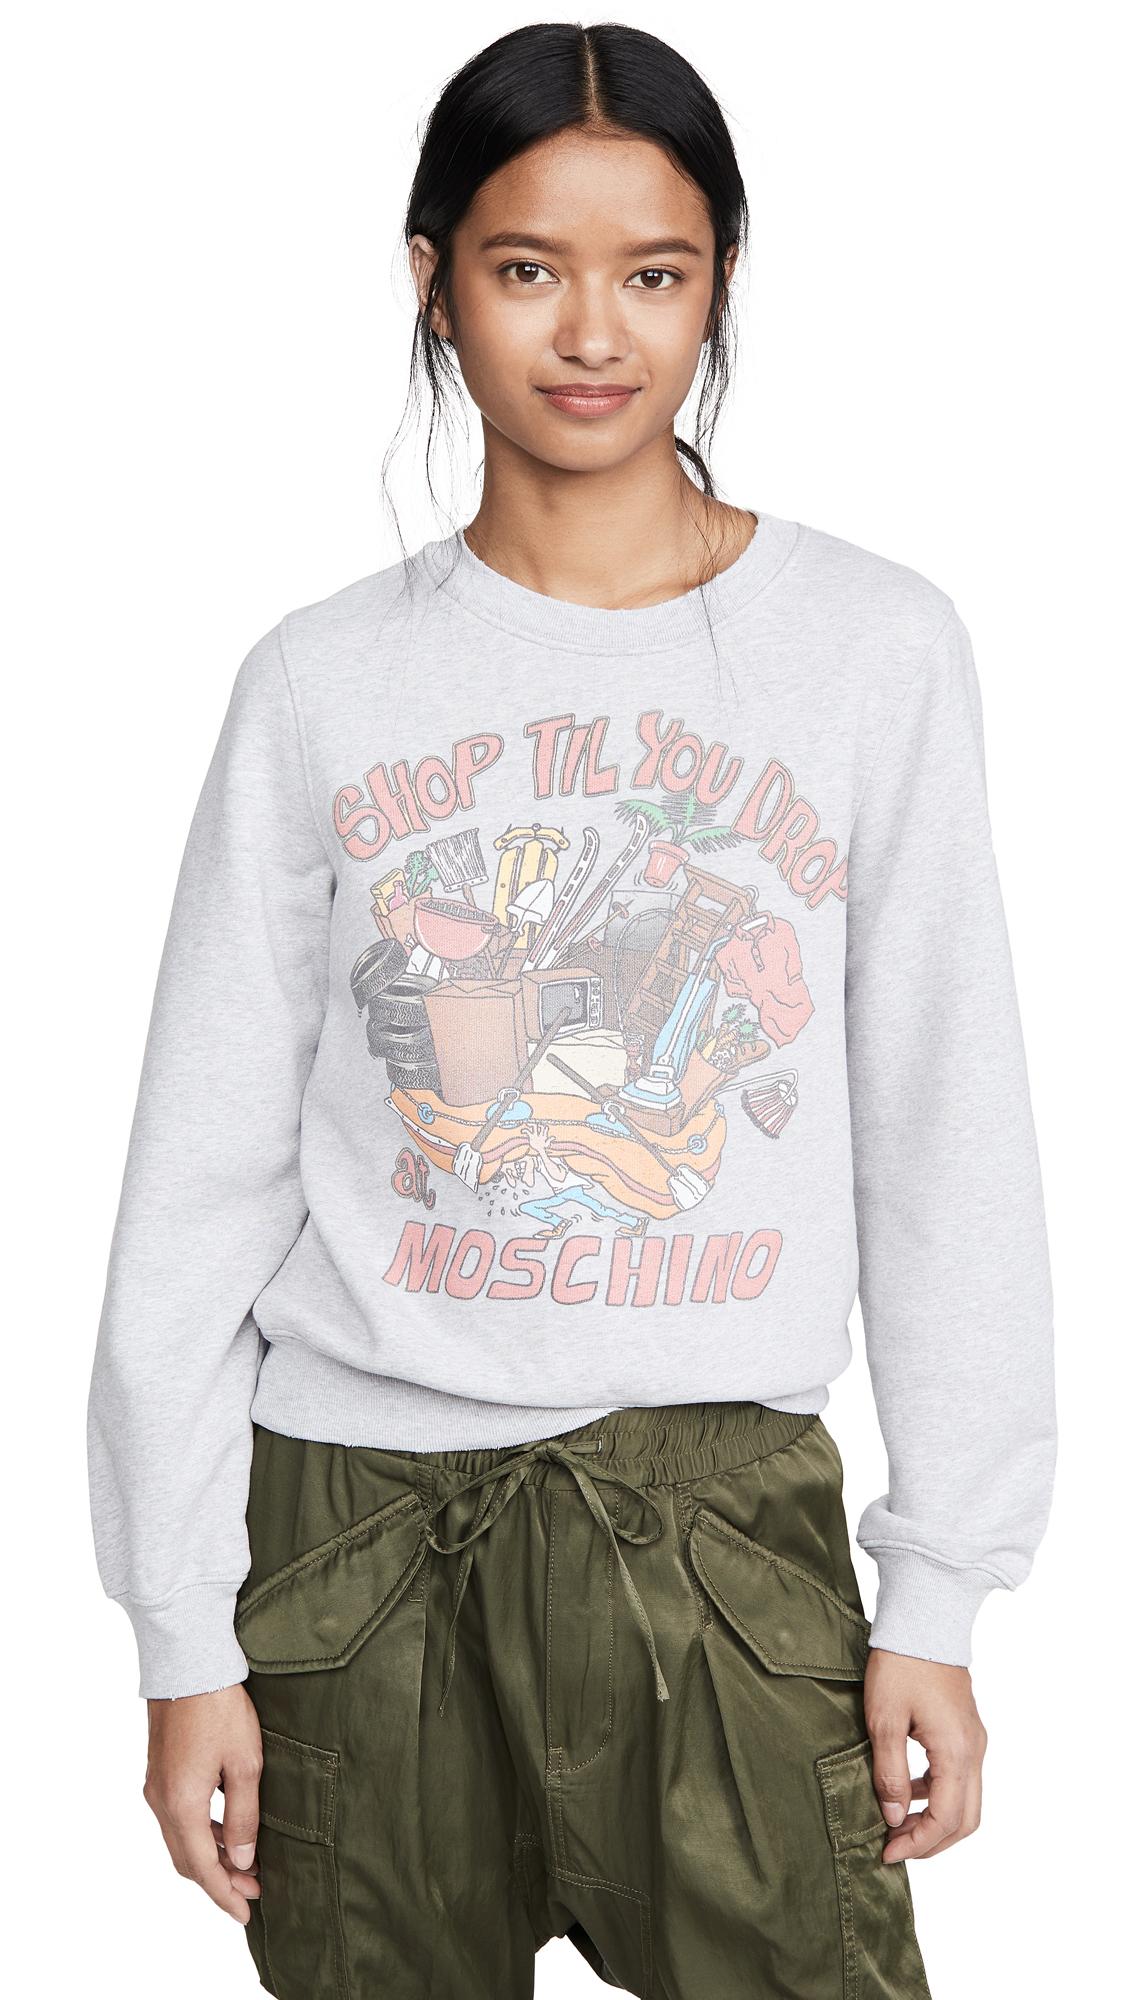 Buy Moschino online - photo of Moschino Shop Till You Drop Sweatshirt